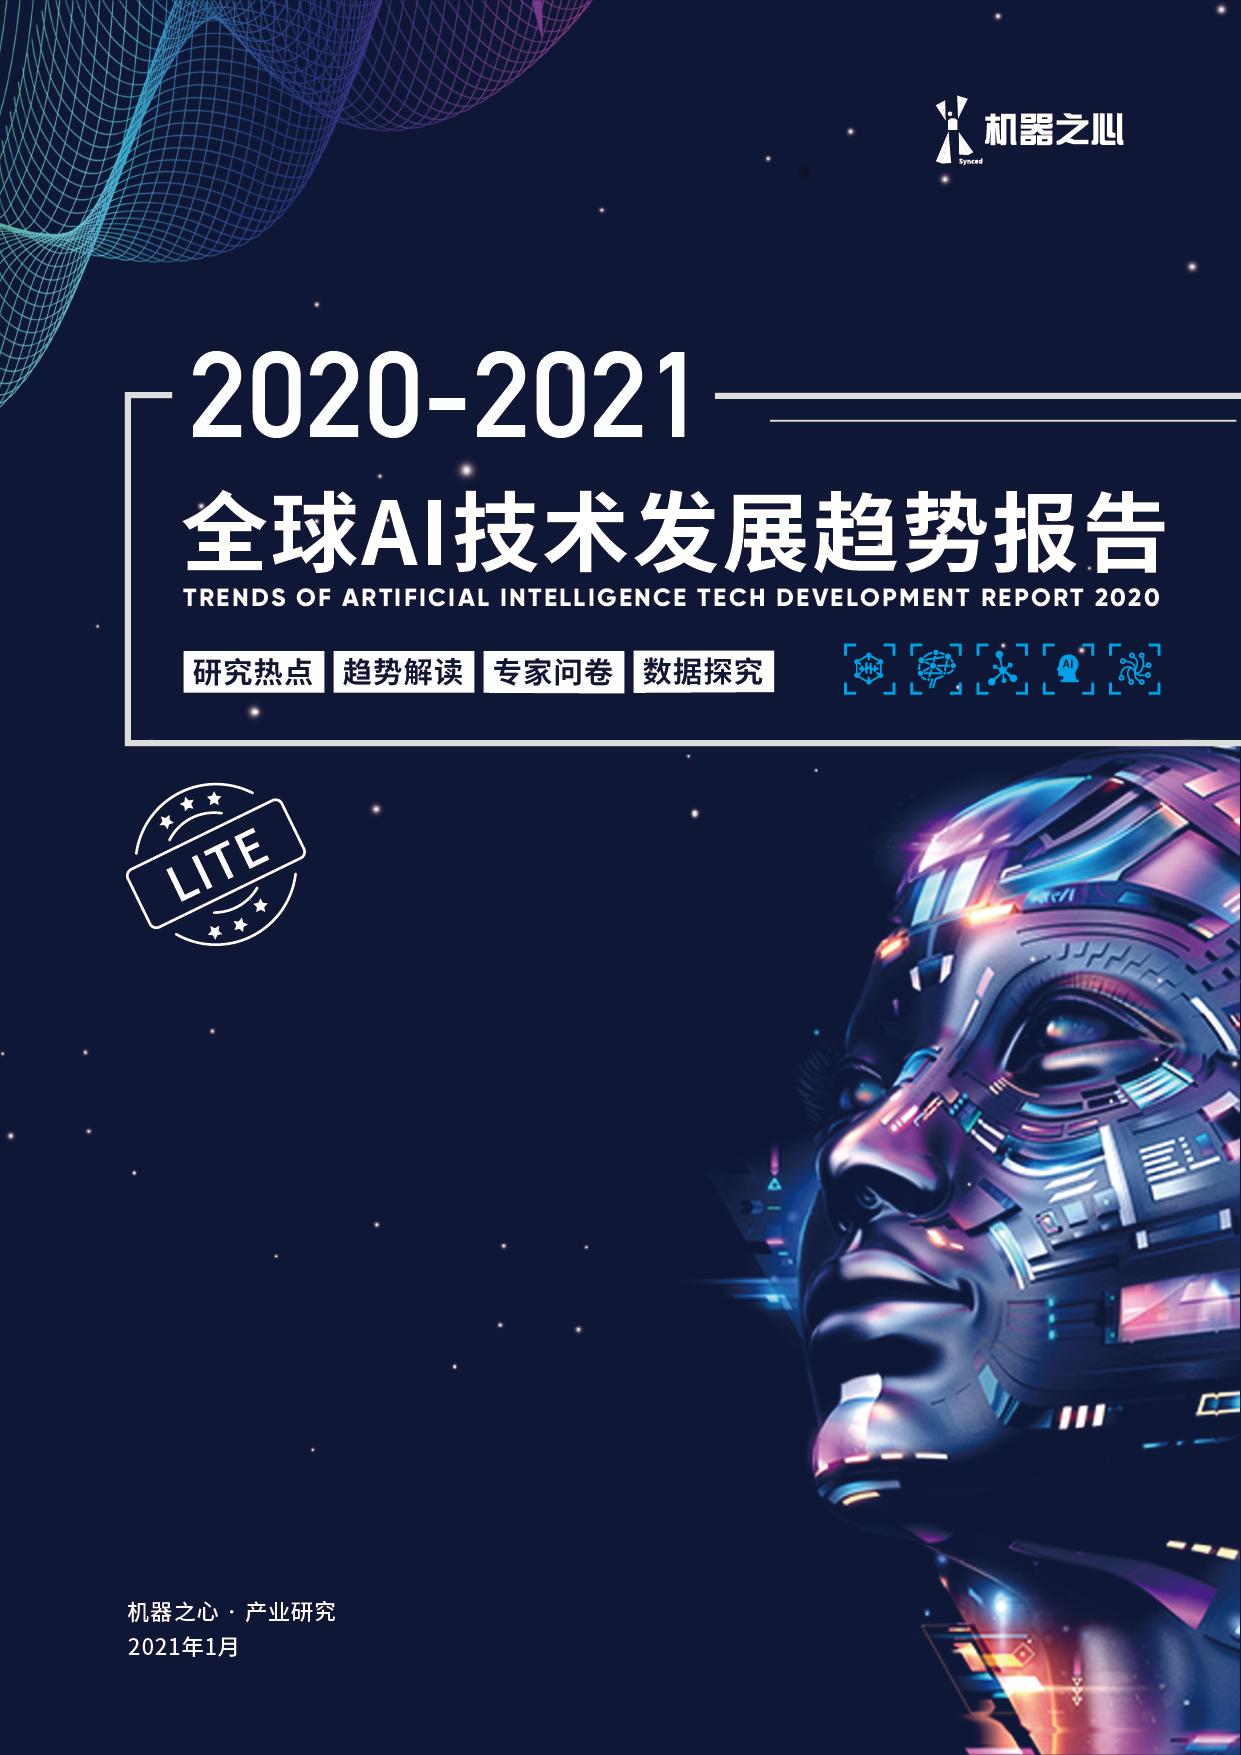 2020-2021全球AI技术发展趋势报告(LITE)